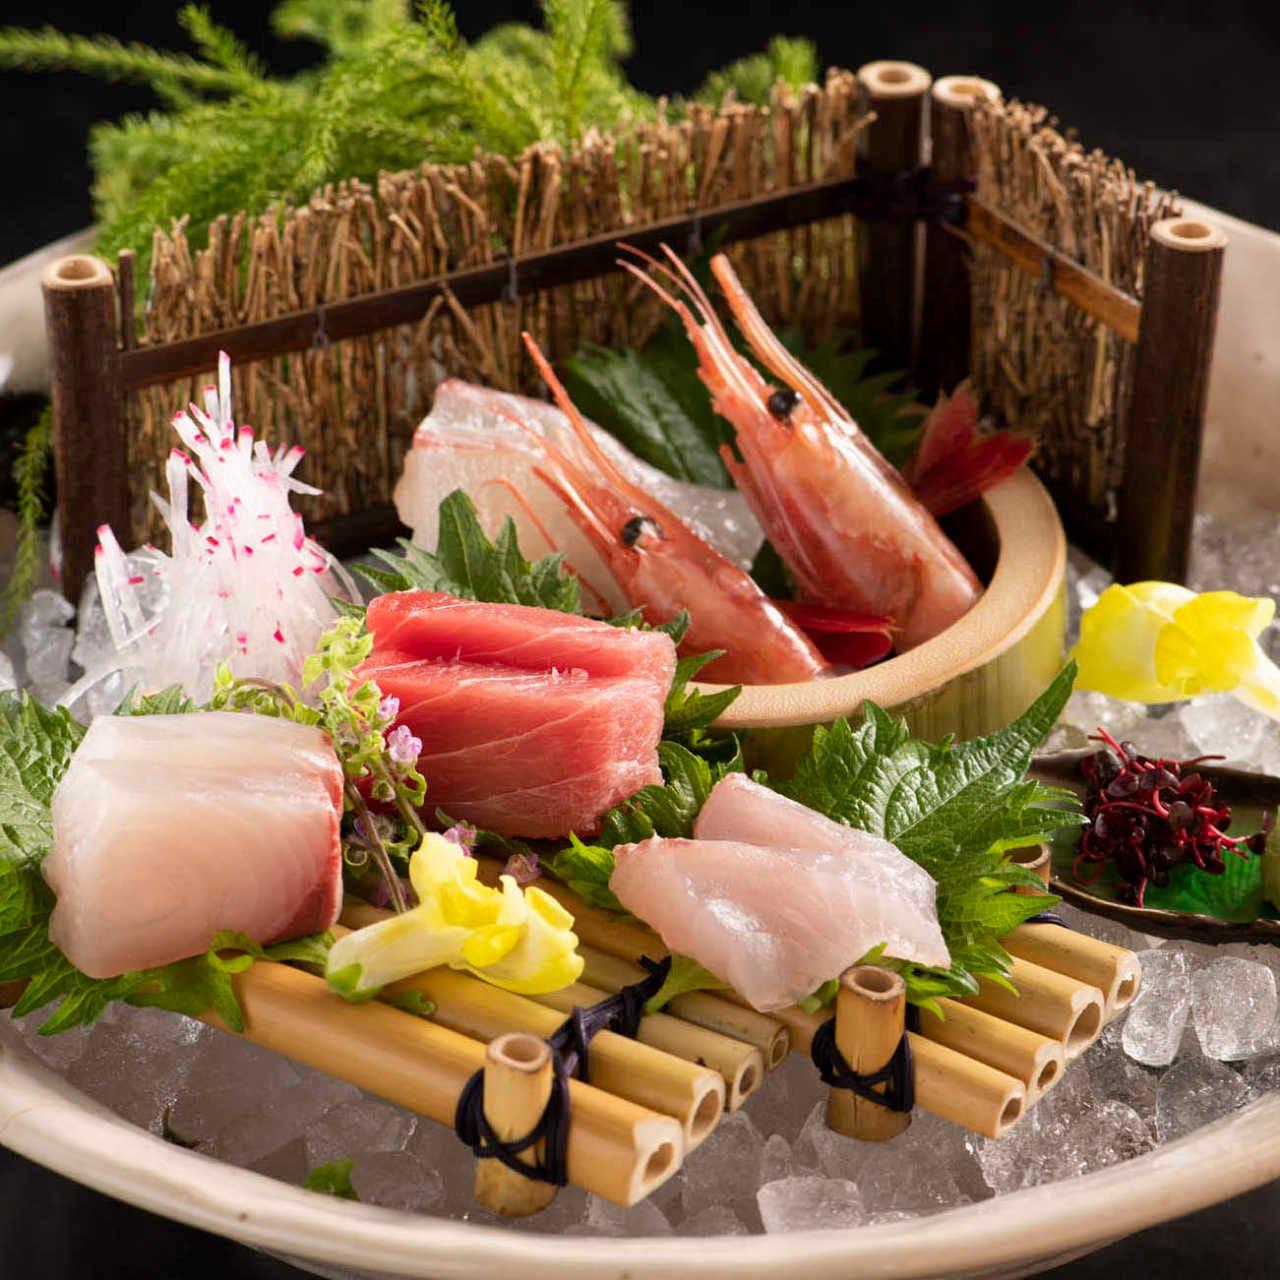 焼酎や日本酒にぜひ。本格和食をぜひどうぞ。